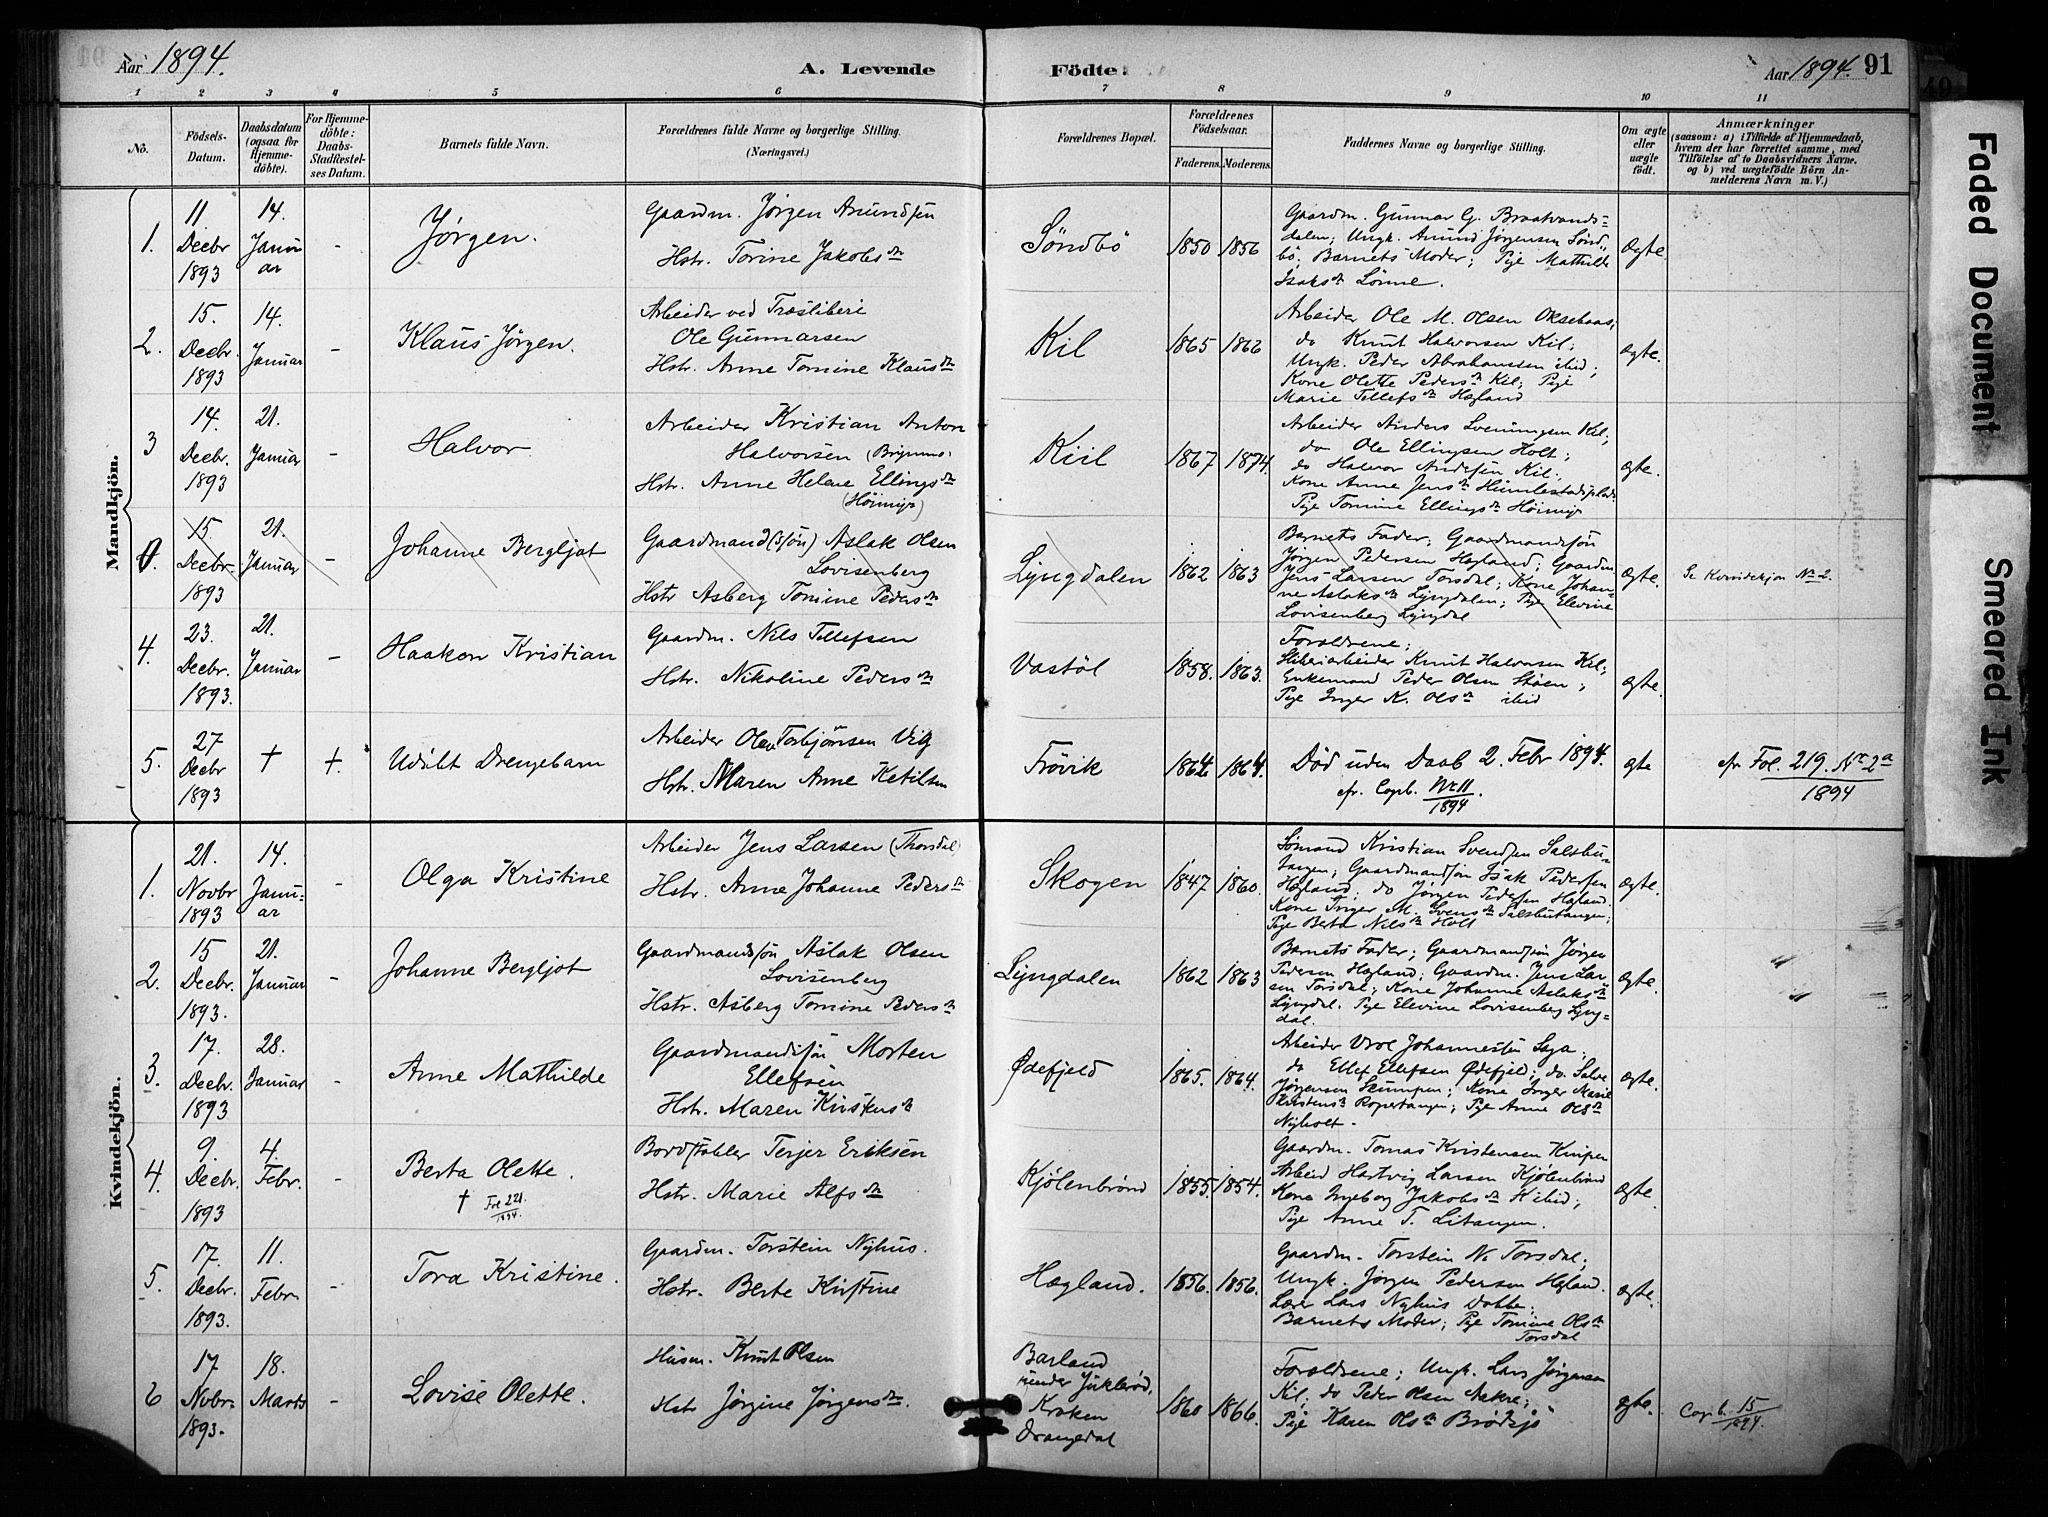 SAKO, Sannidal kirkebøker, F/Fa/L0015: Ministerialbok nr. 15, 1884-1899, s. 91